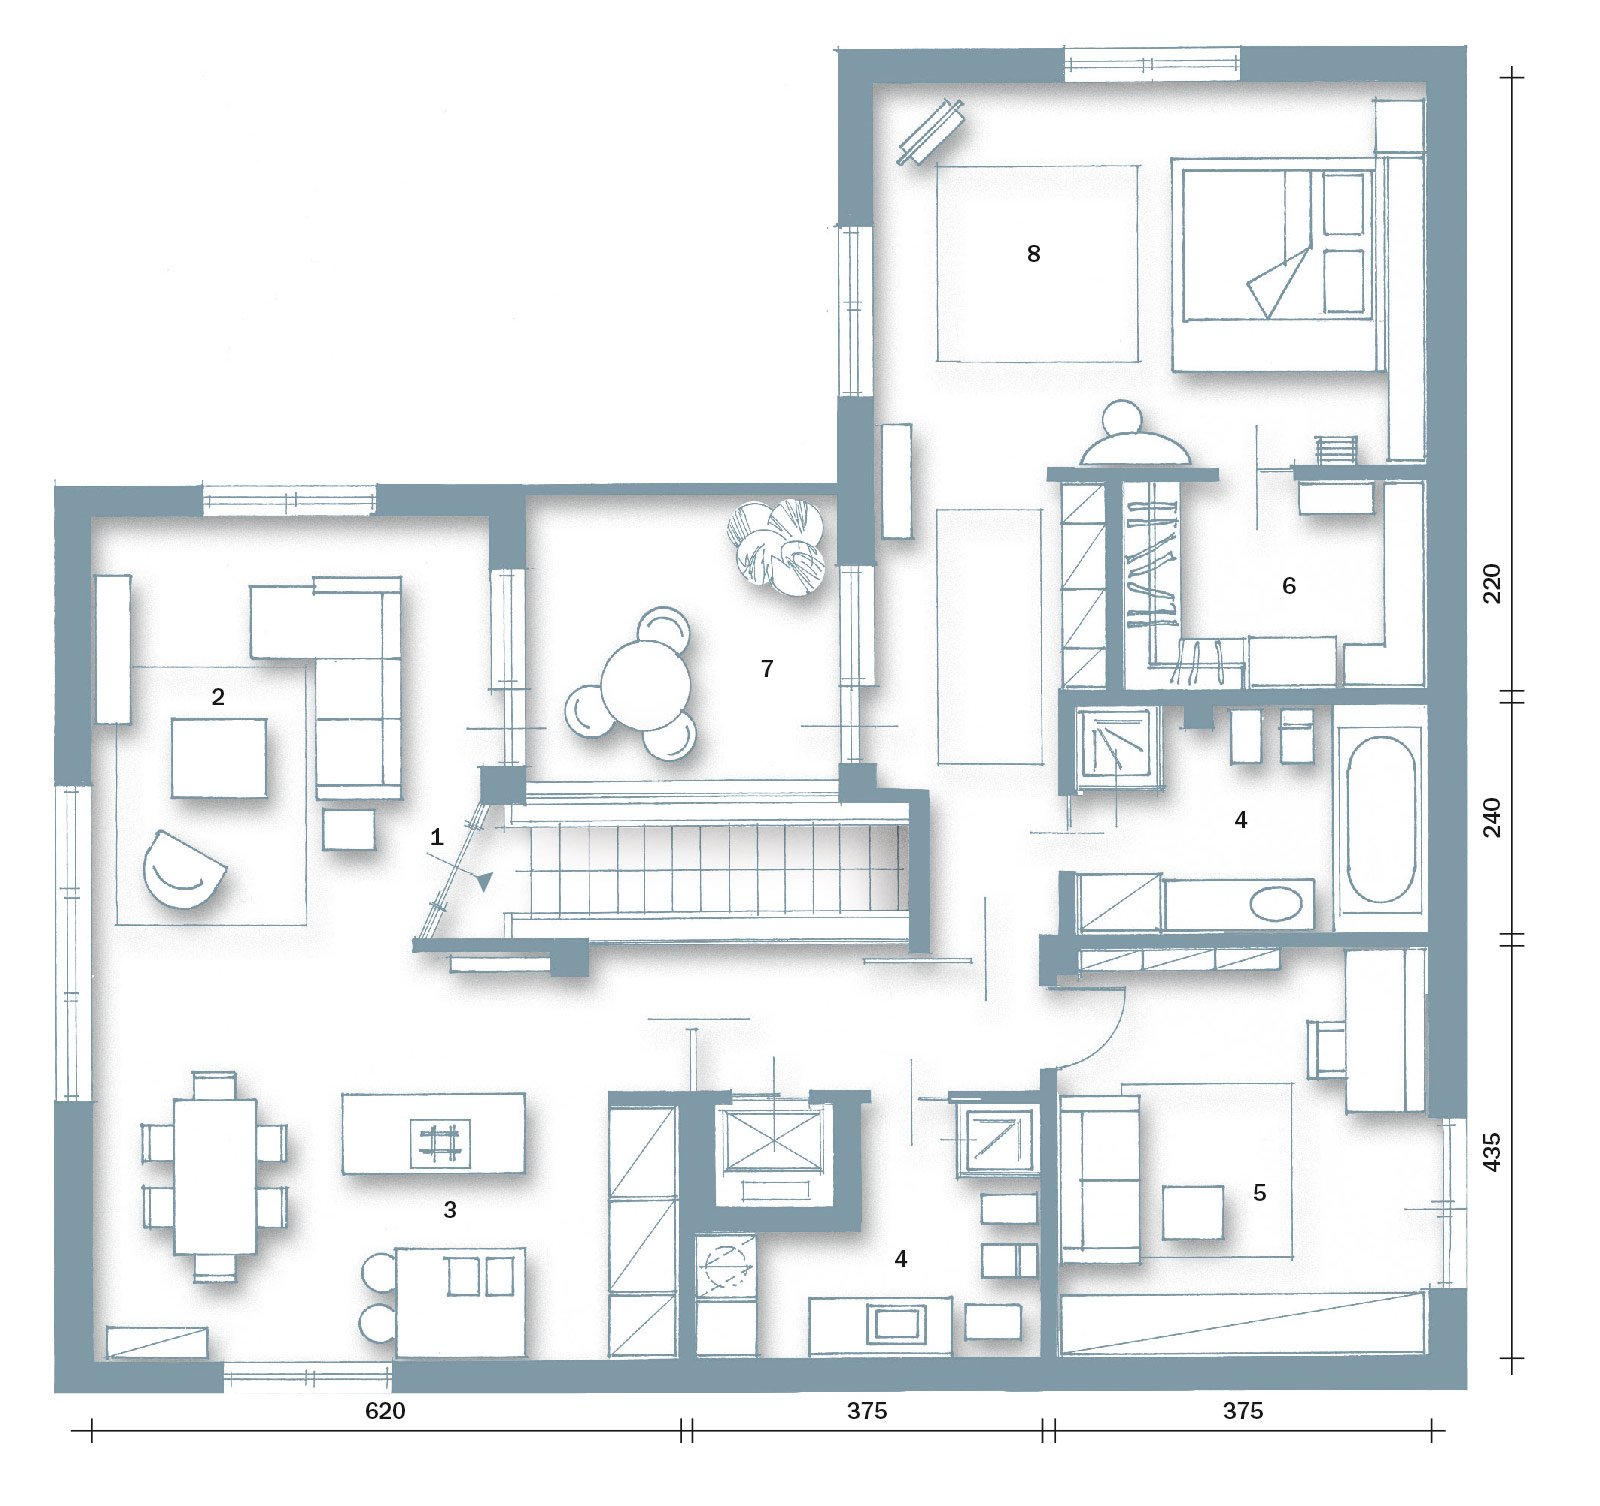 Volumi bianchi in mansarda per avere pi luce cose di casa for Casa moderna pianta